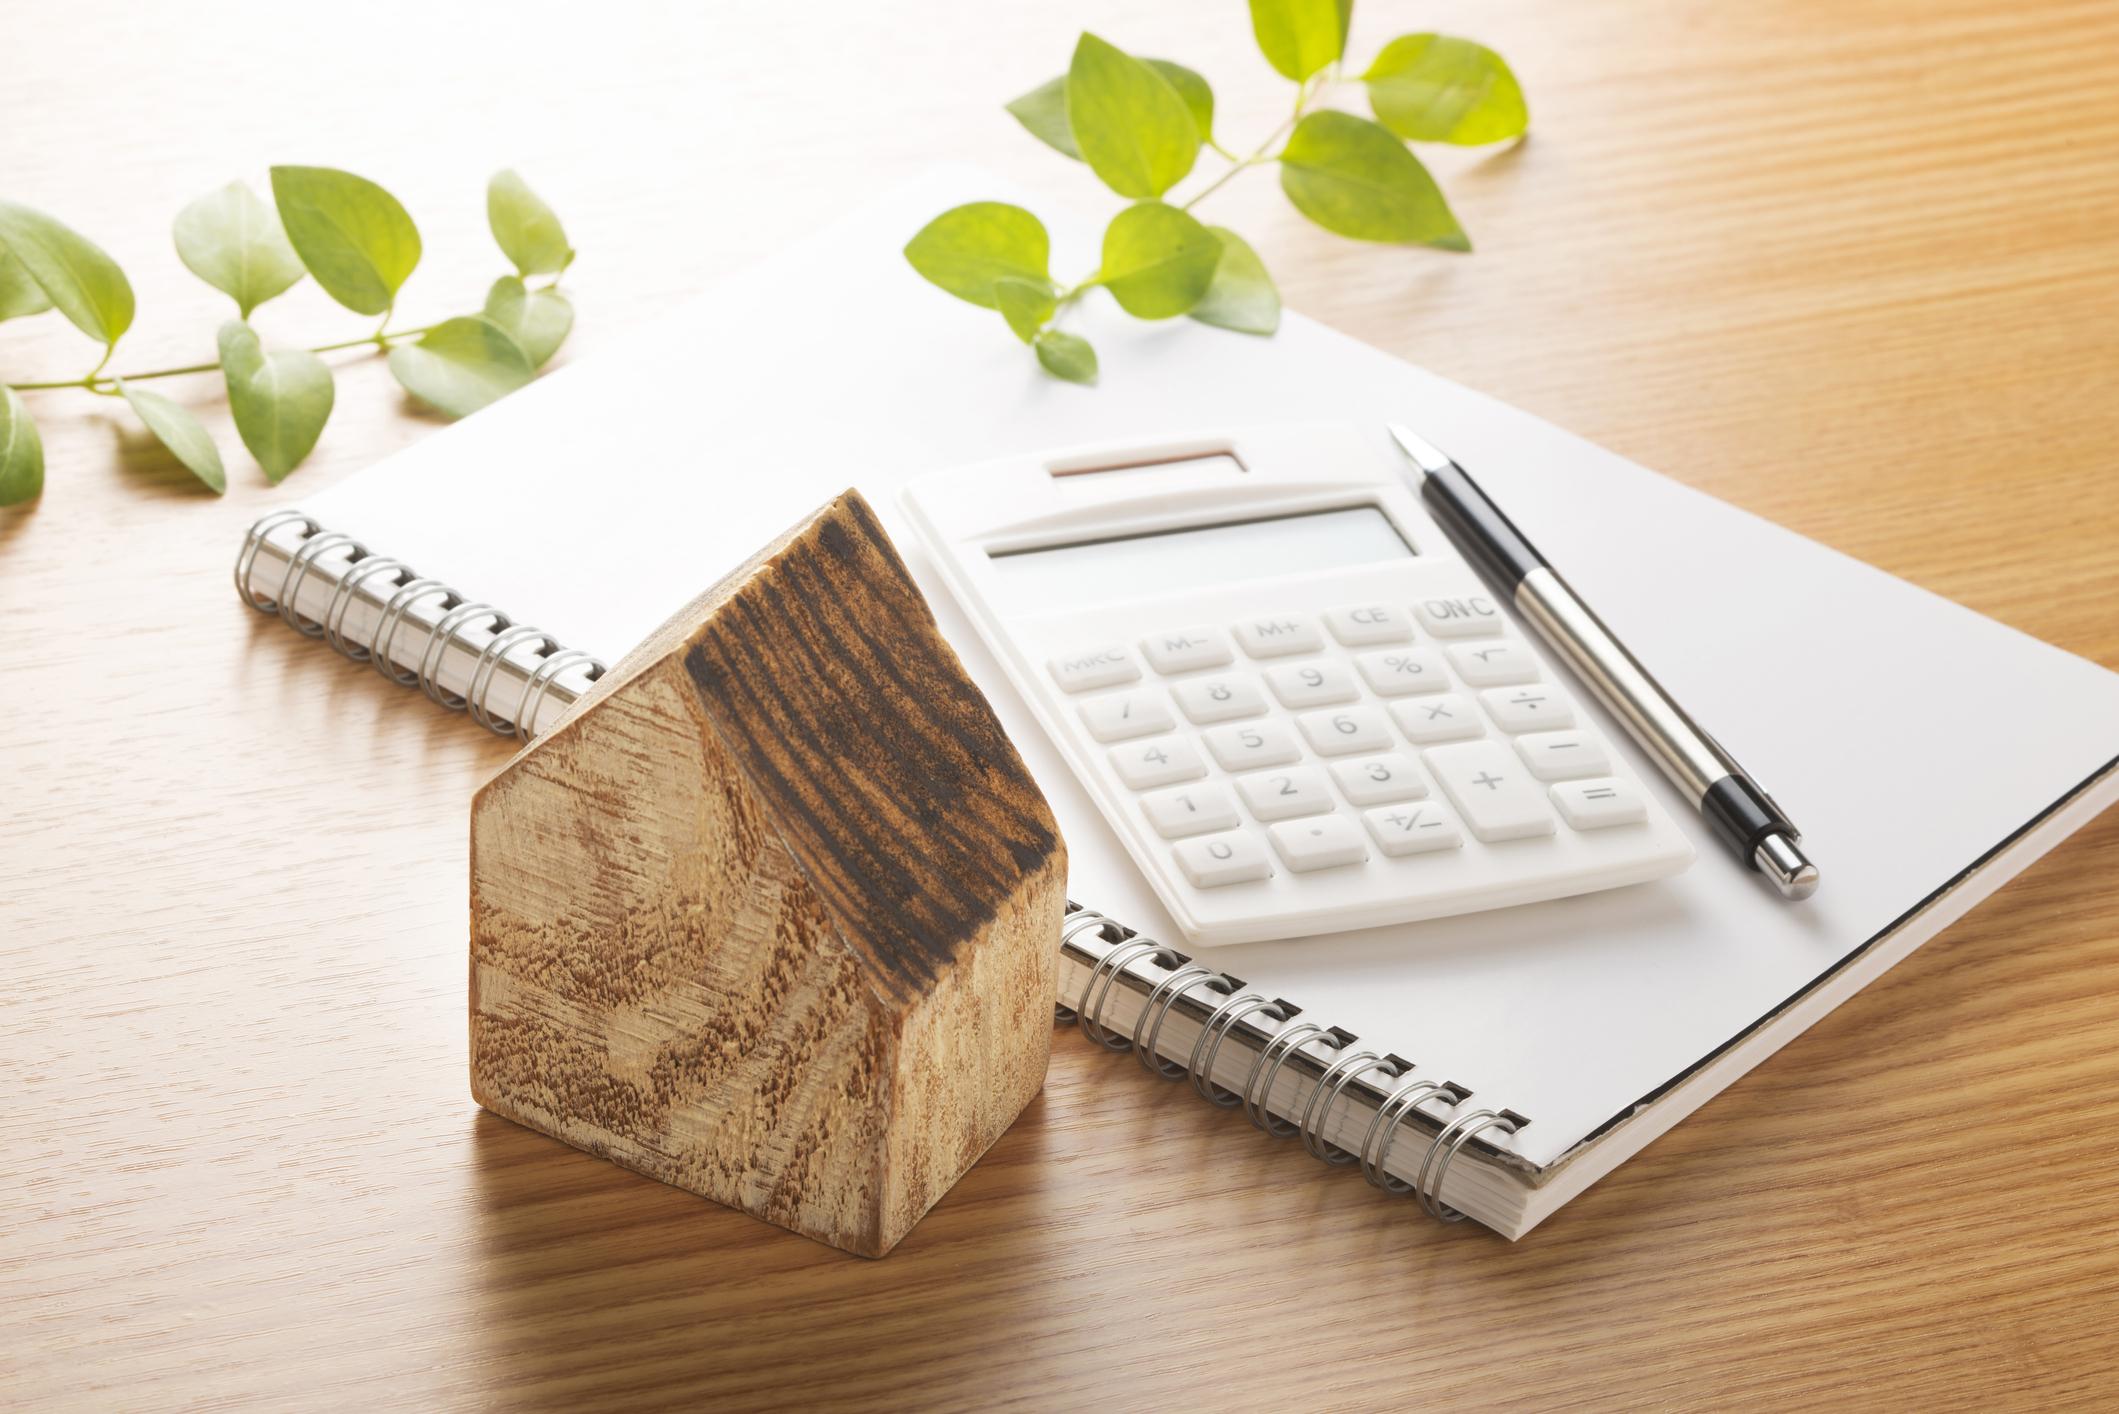 Rentabilité et planification financière Energreen